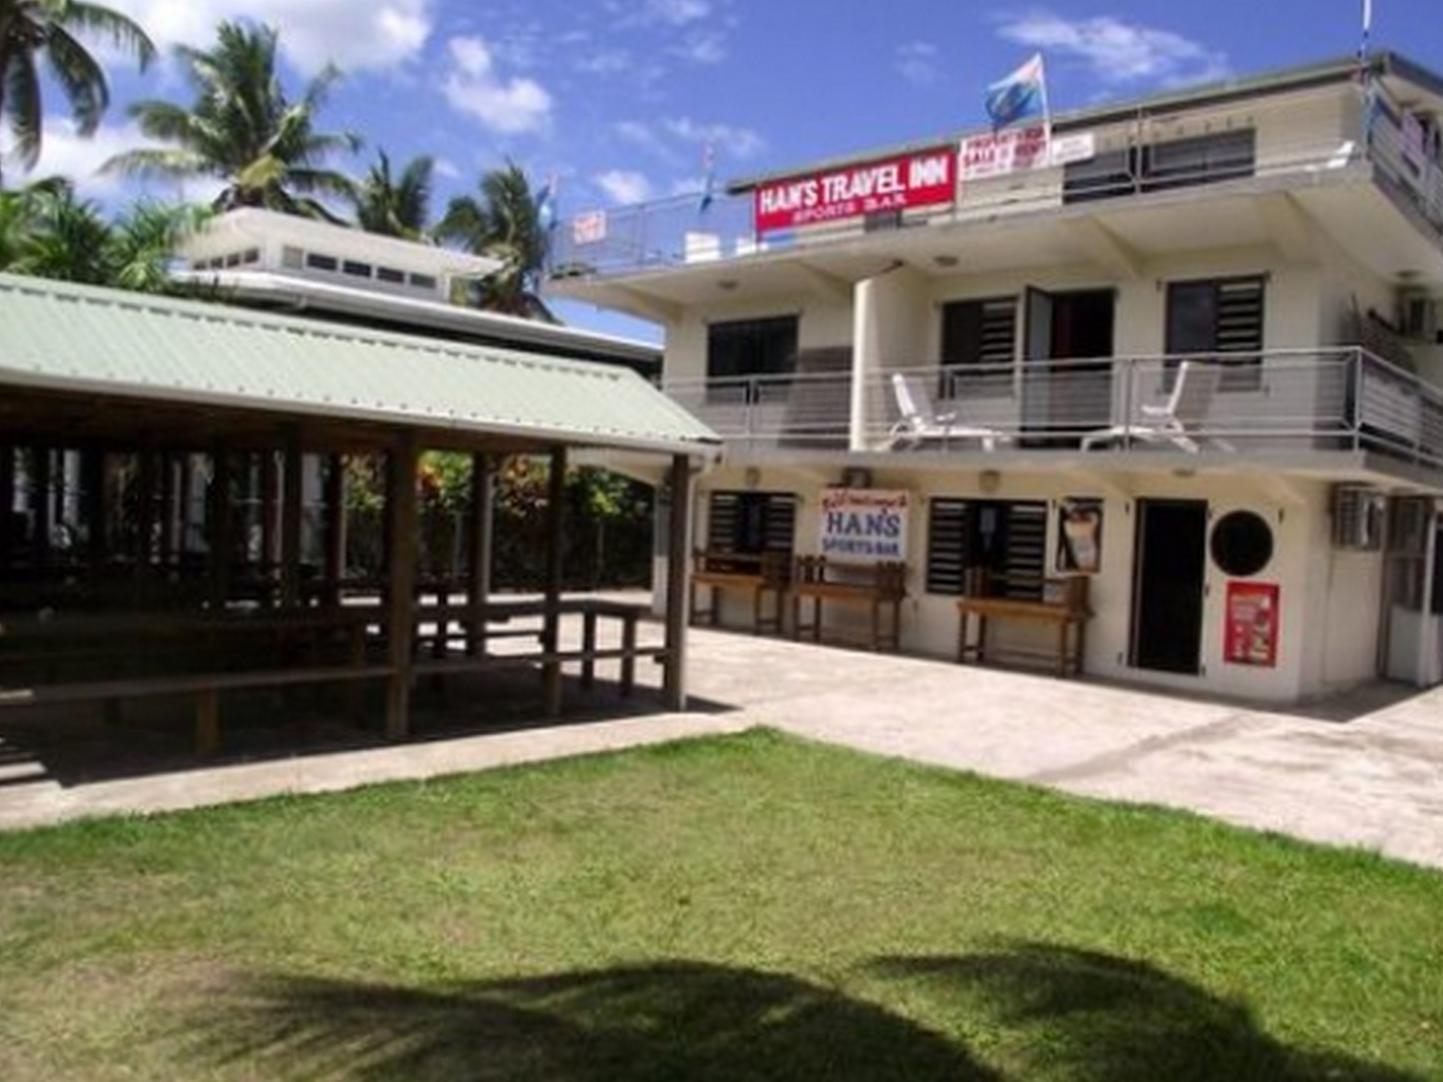 Hans Travel Inn - Hotell och Boende i Fiji i Stilla havet och Australien